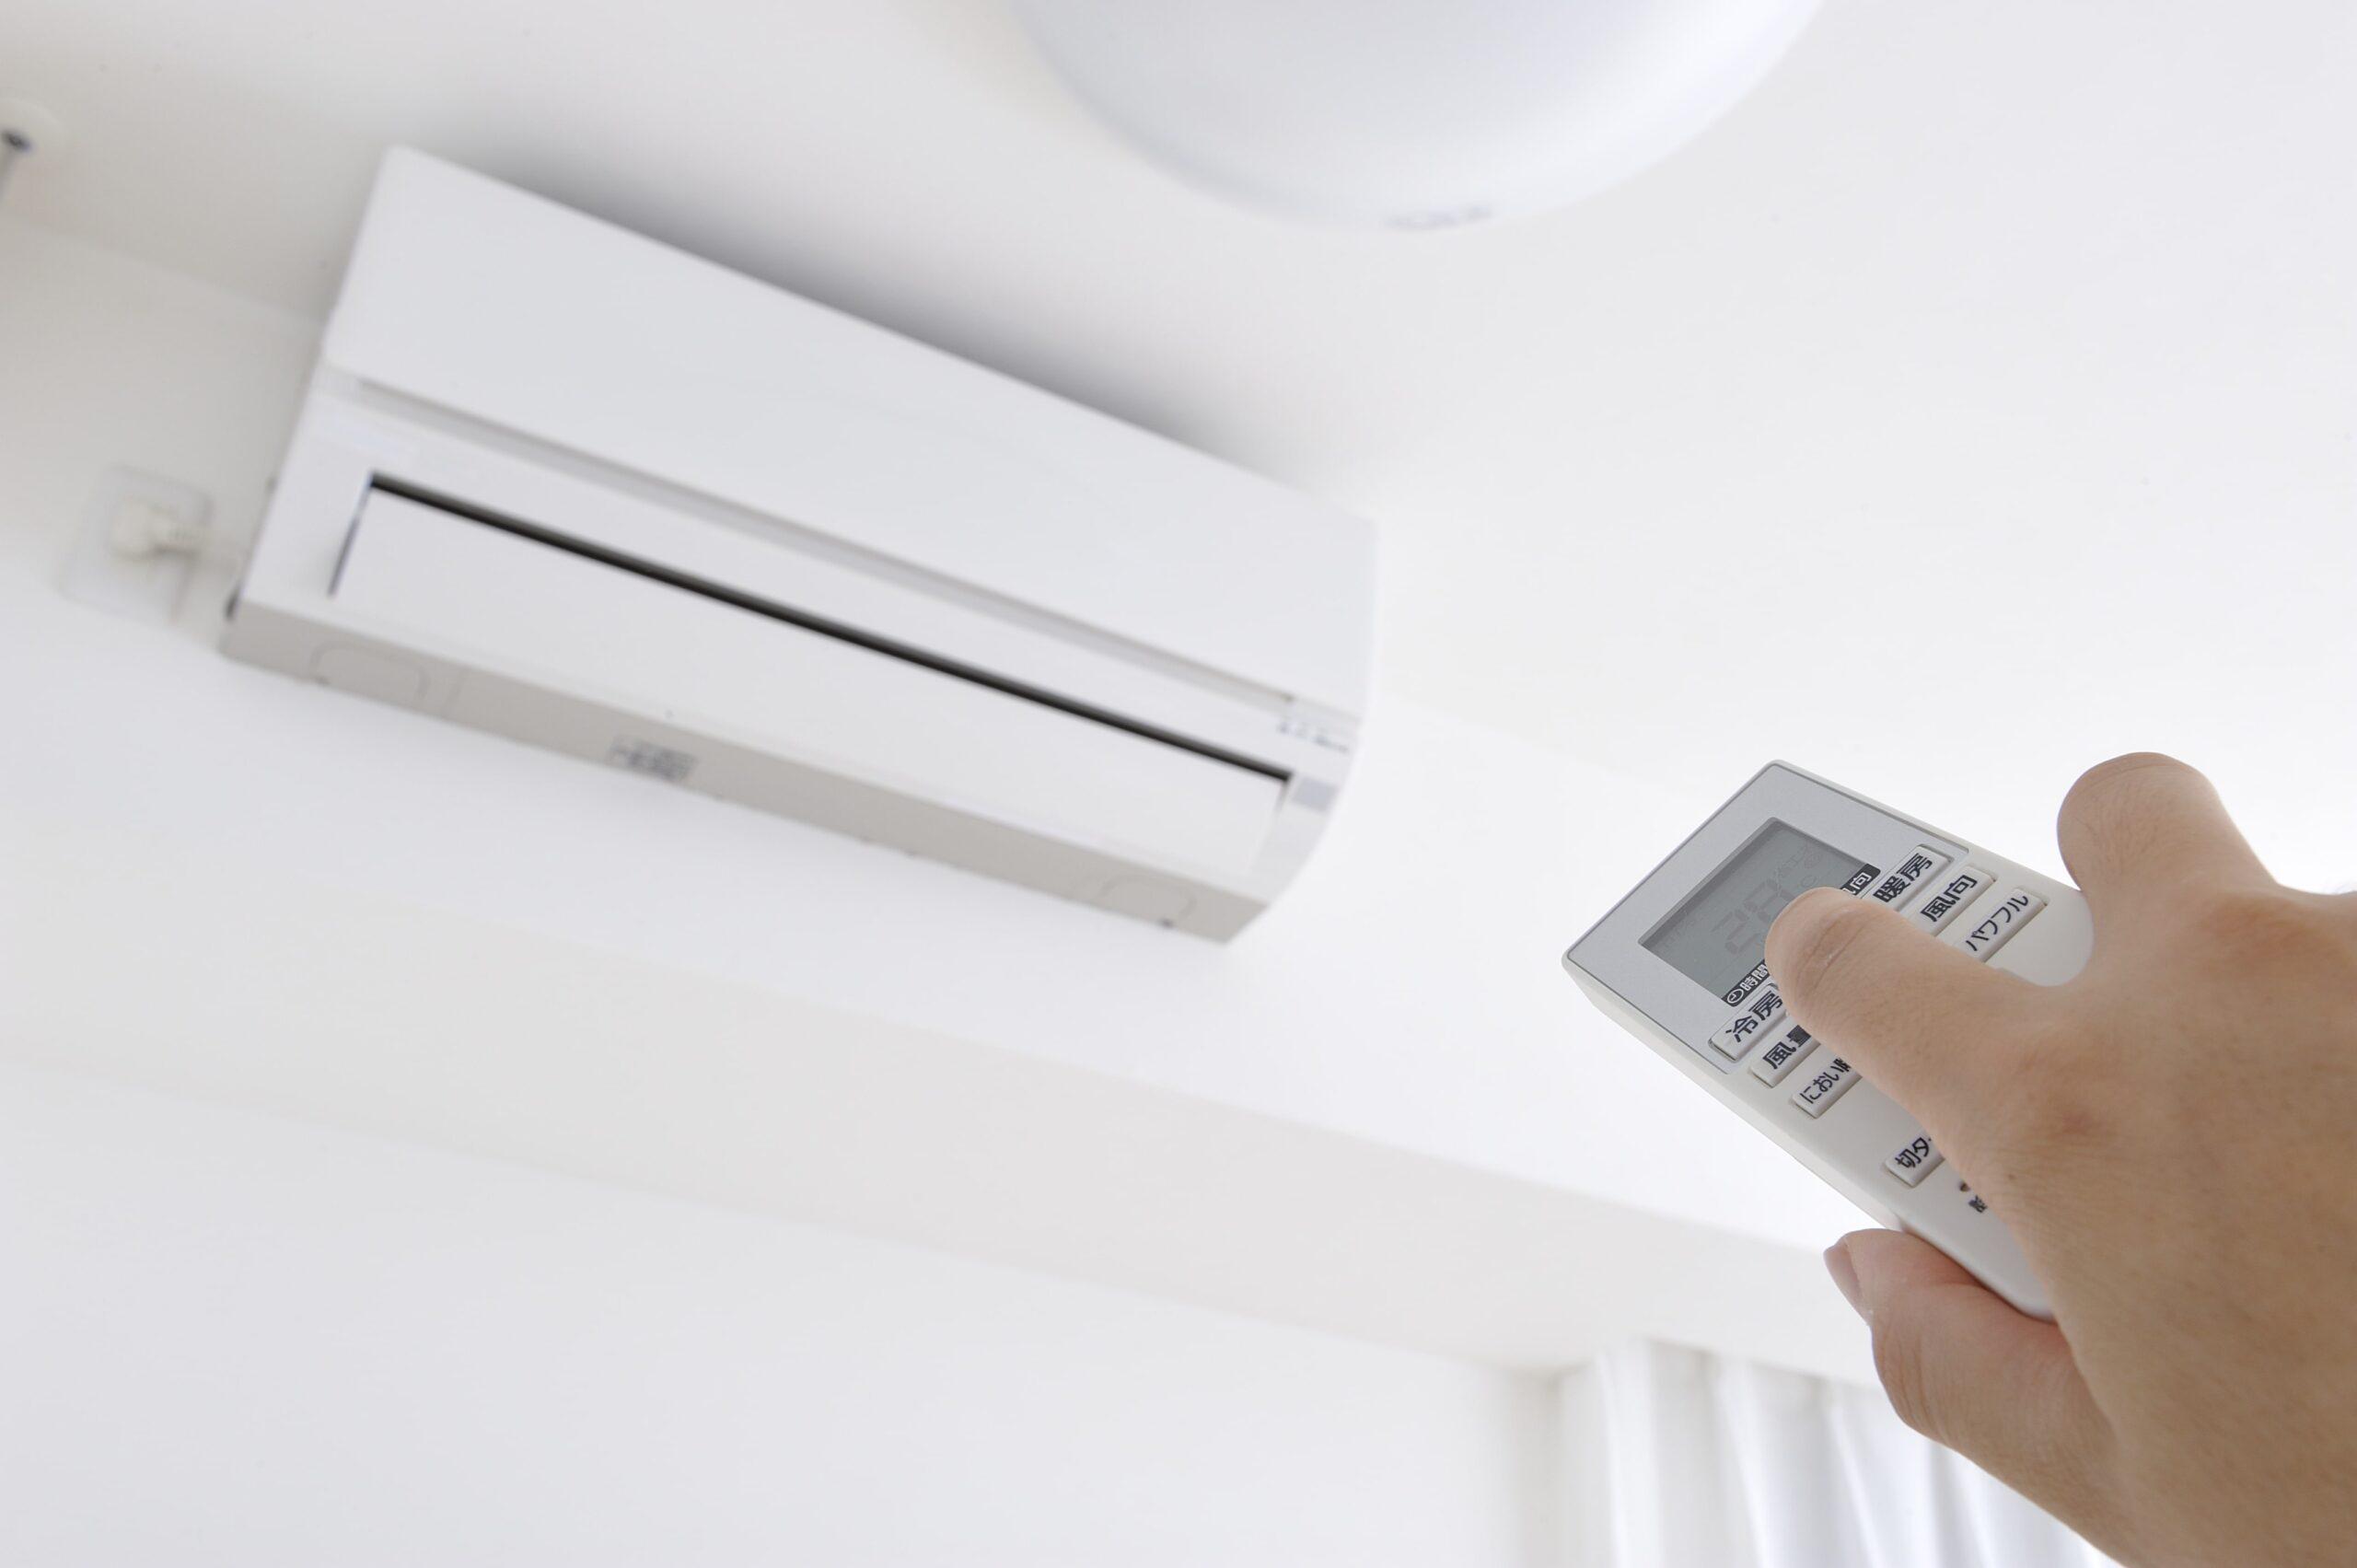 業務用エアコン以外にでもできる加湿対策